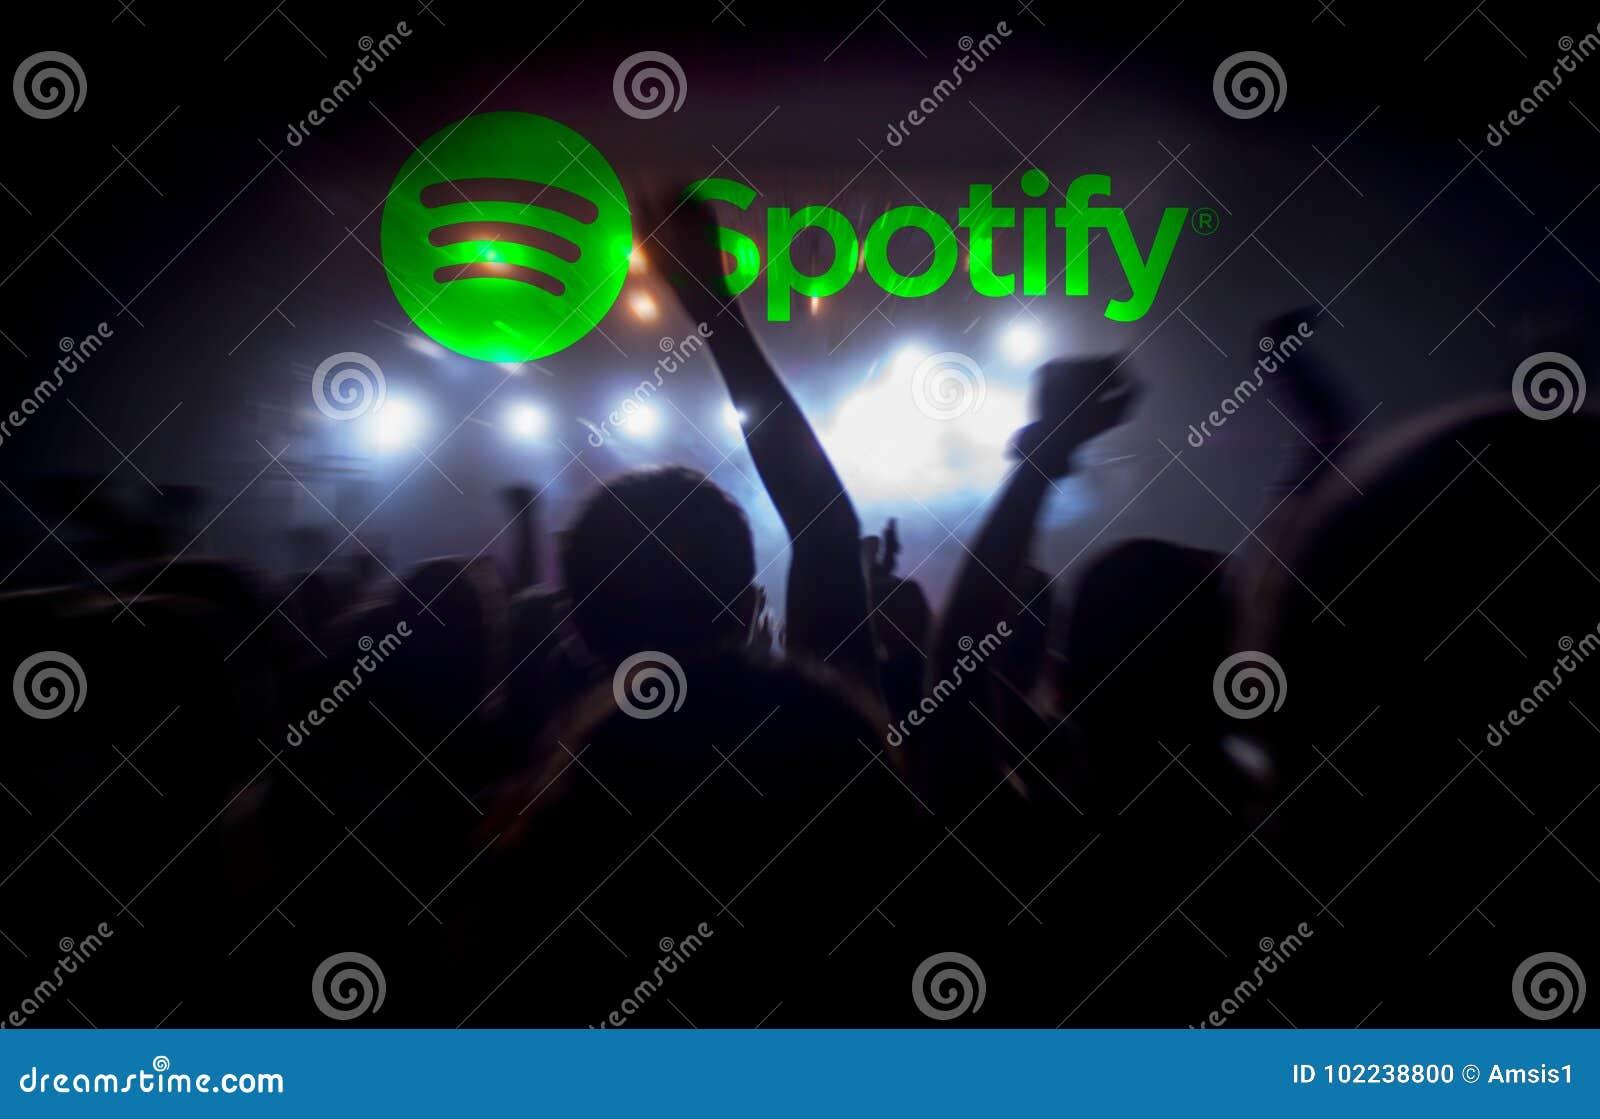 Flusso continuo di concerto di musica in diretta di Spotify